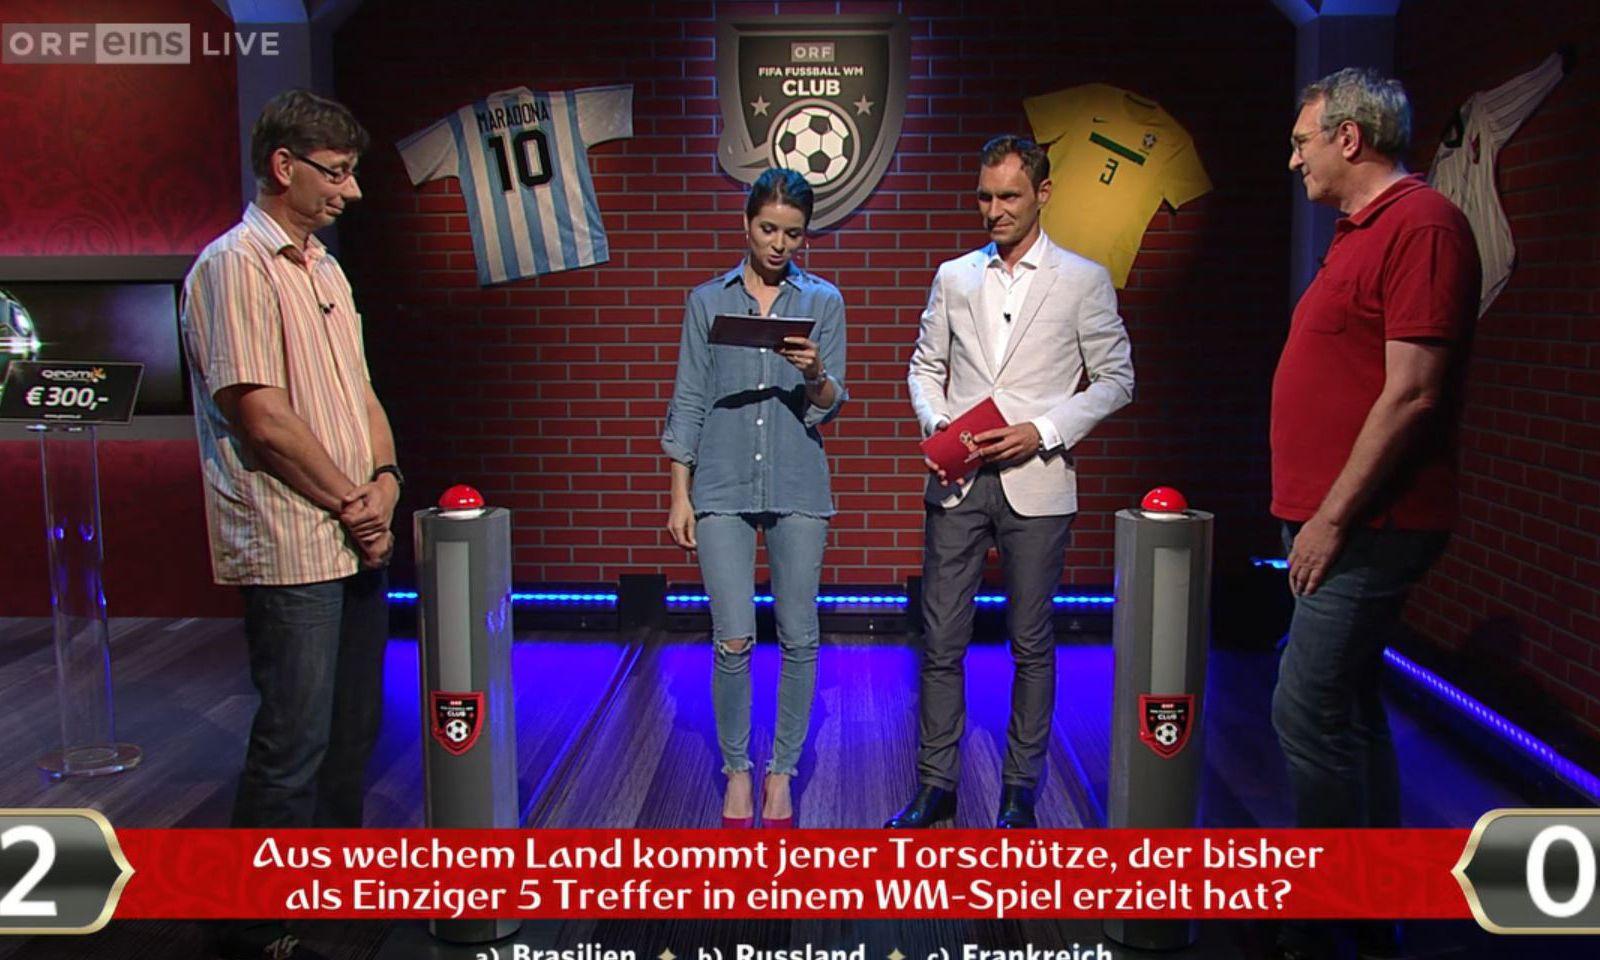 Unfreiwillig komische Situationen im ORF